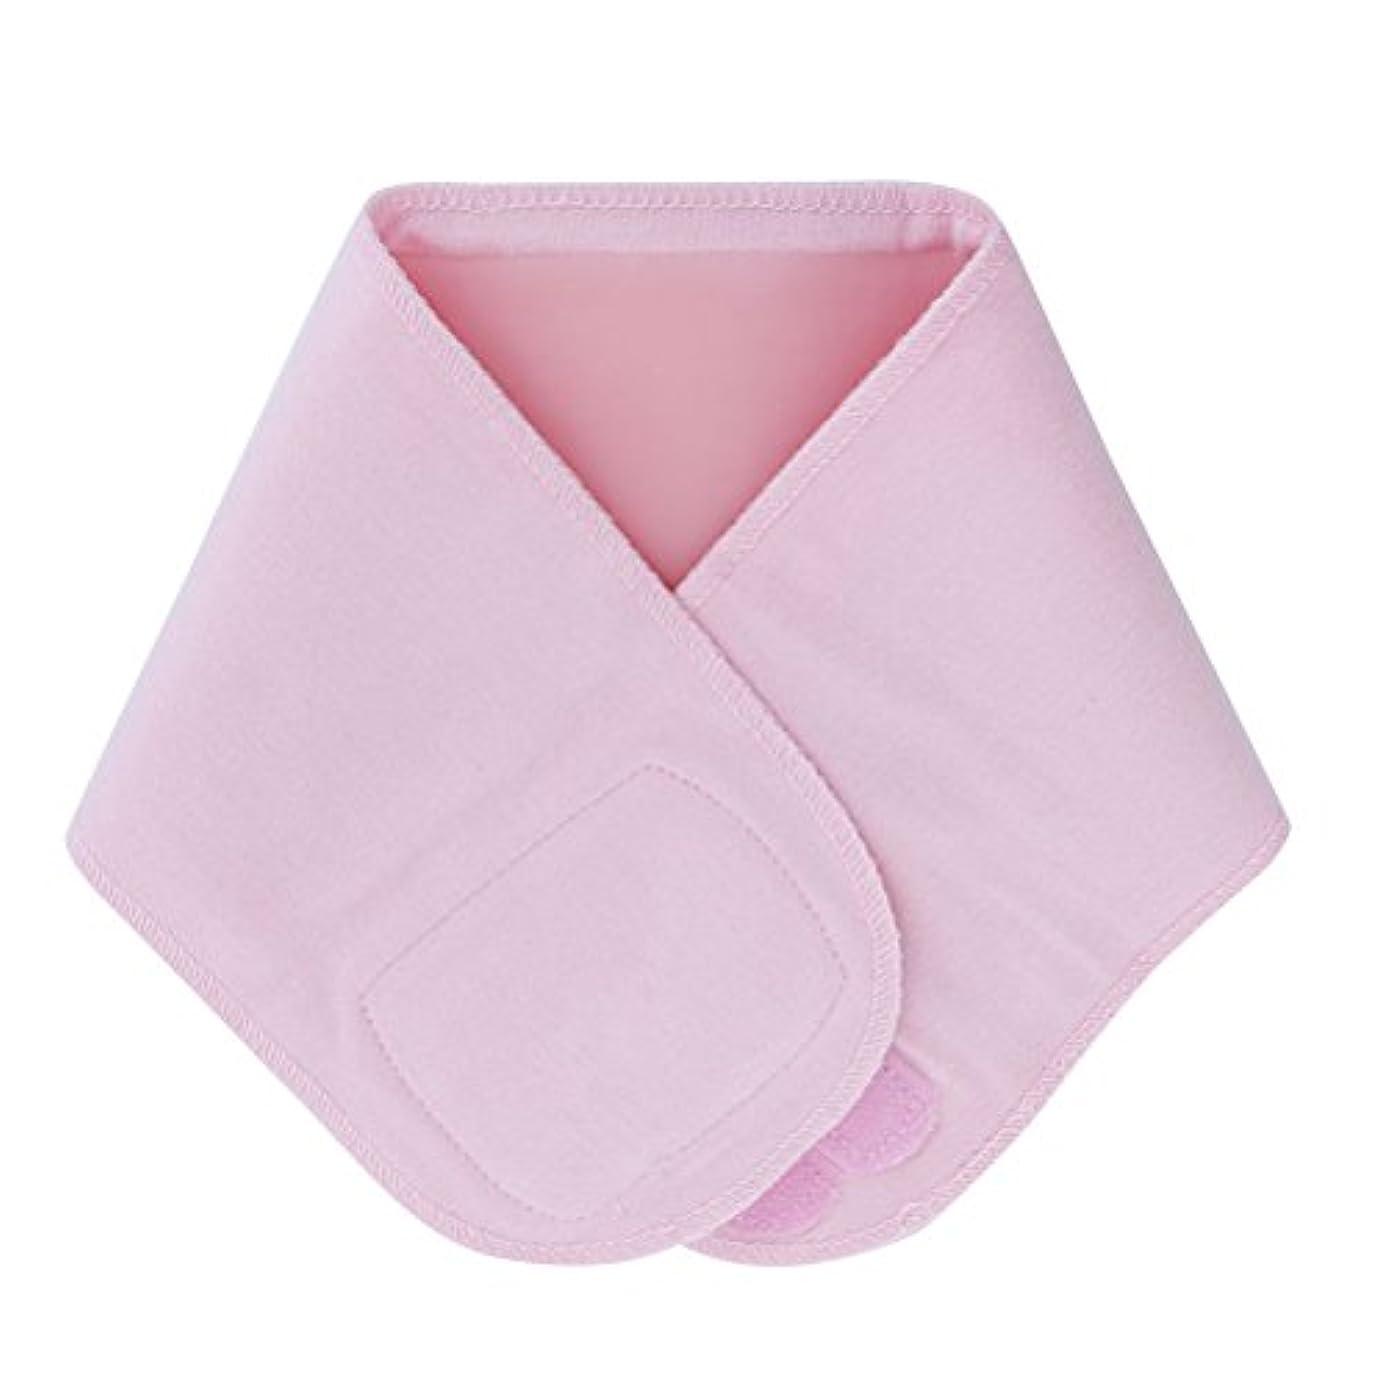 辞任する移行立場Lurrose ジェルネックラップ伸縮性保湿スムースホワイトニングネックスキンアンチリンクルカラー(ピンク)